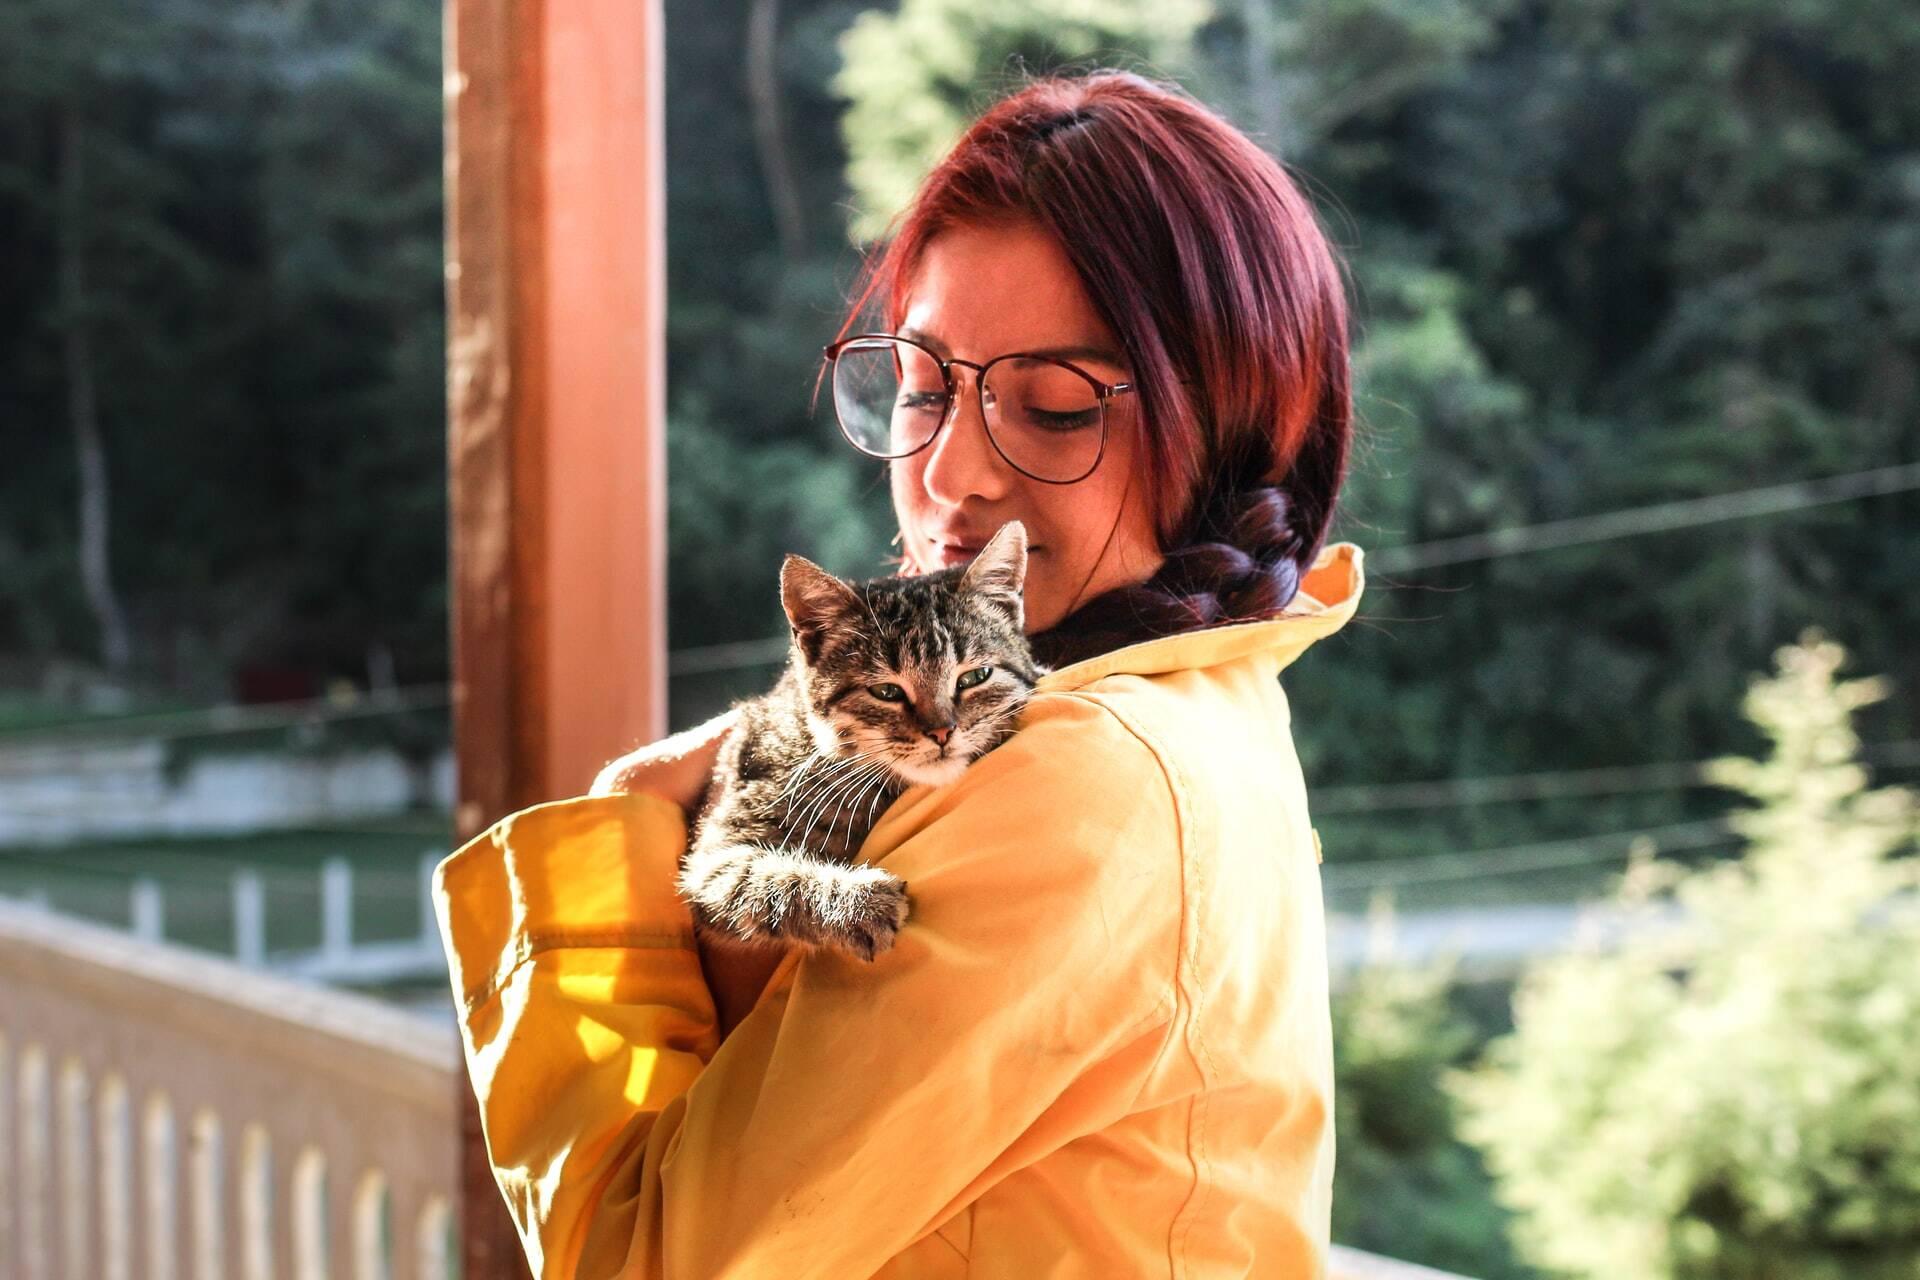 Gatos superam cães e consideram seus humanos como pais, indica estudo